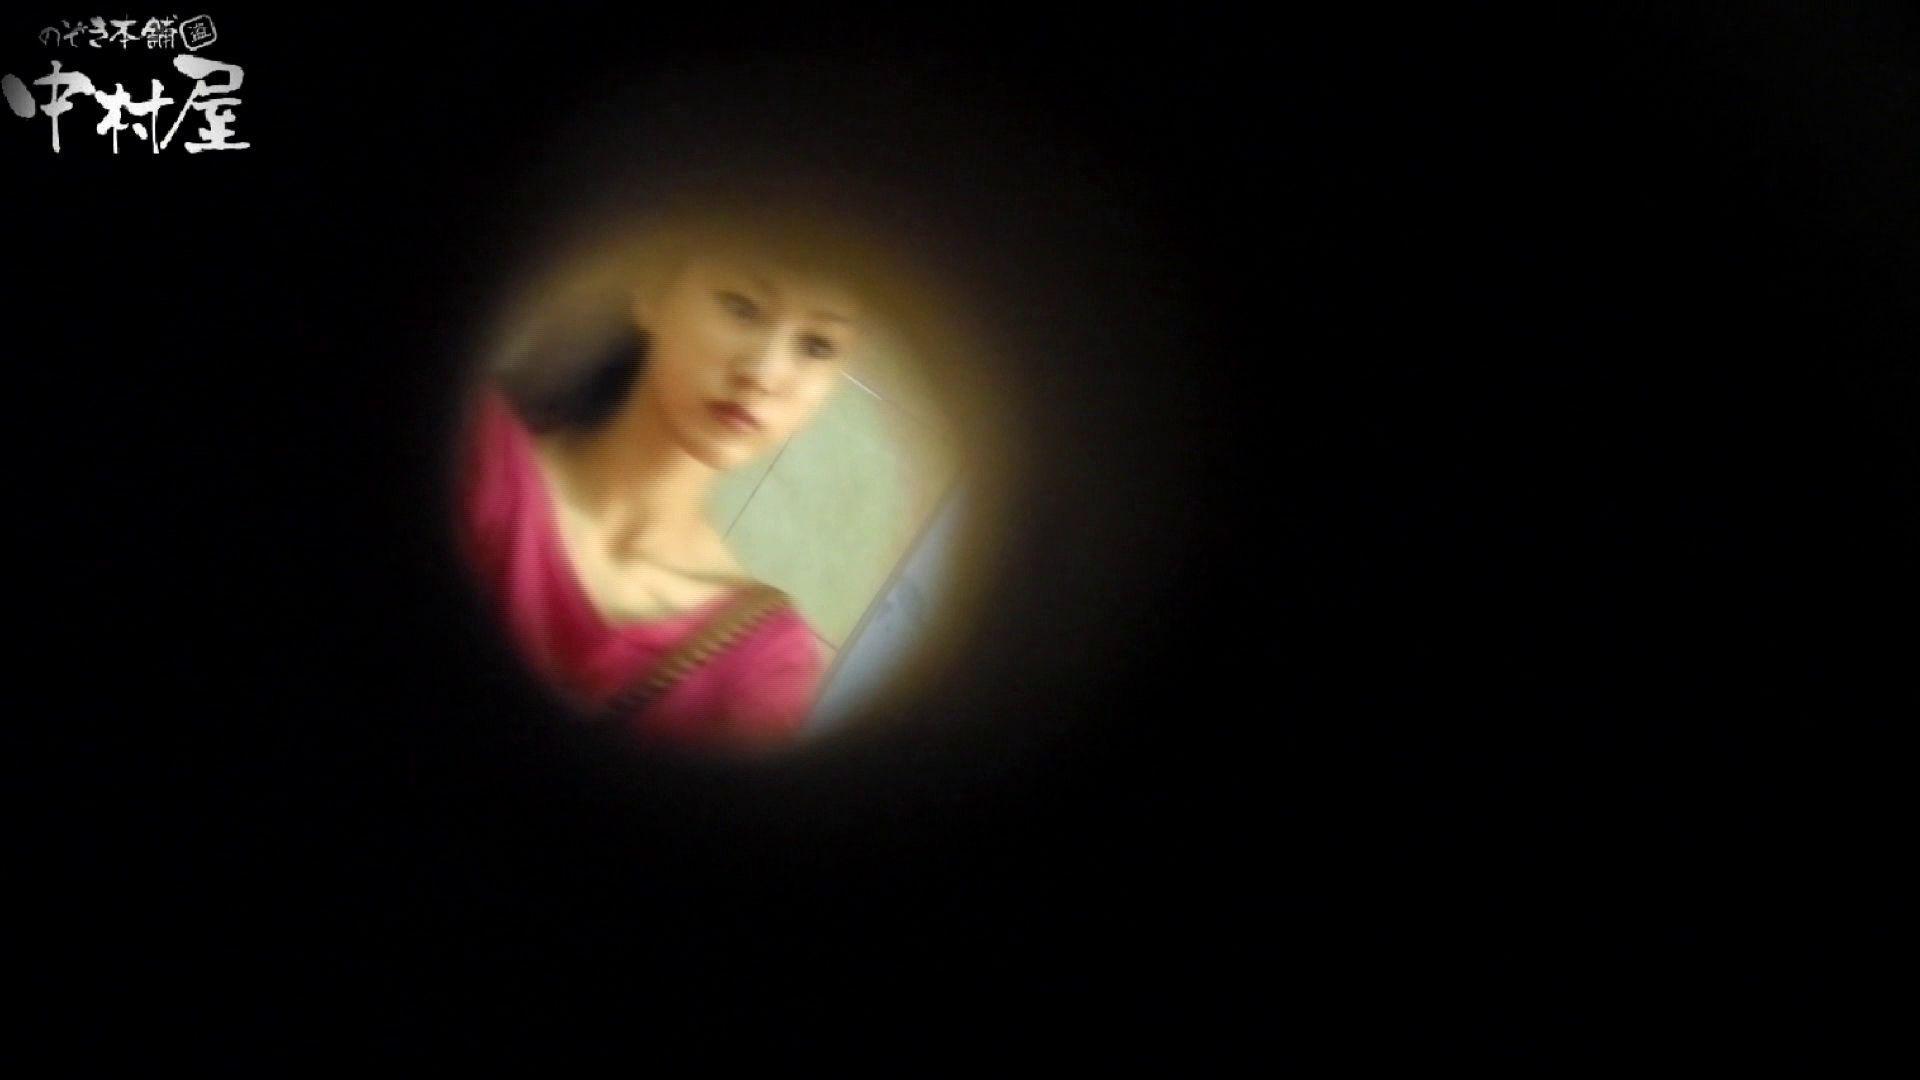 世界の射窓から~vol47 珍しい、毛からしたってくる聖水 OLエロ画像  113PICs 28